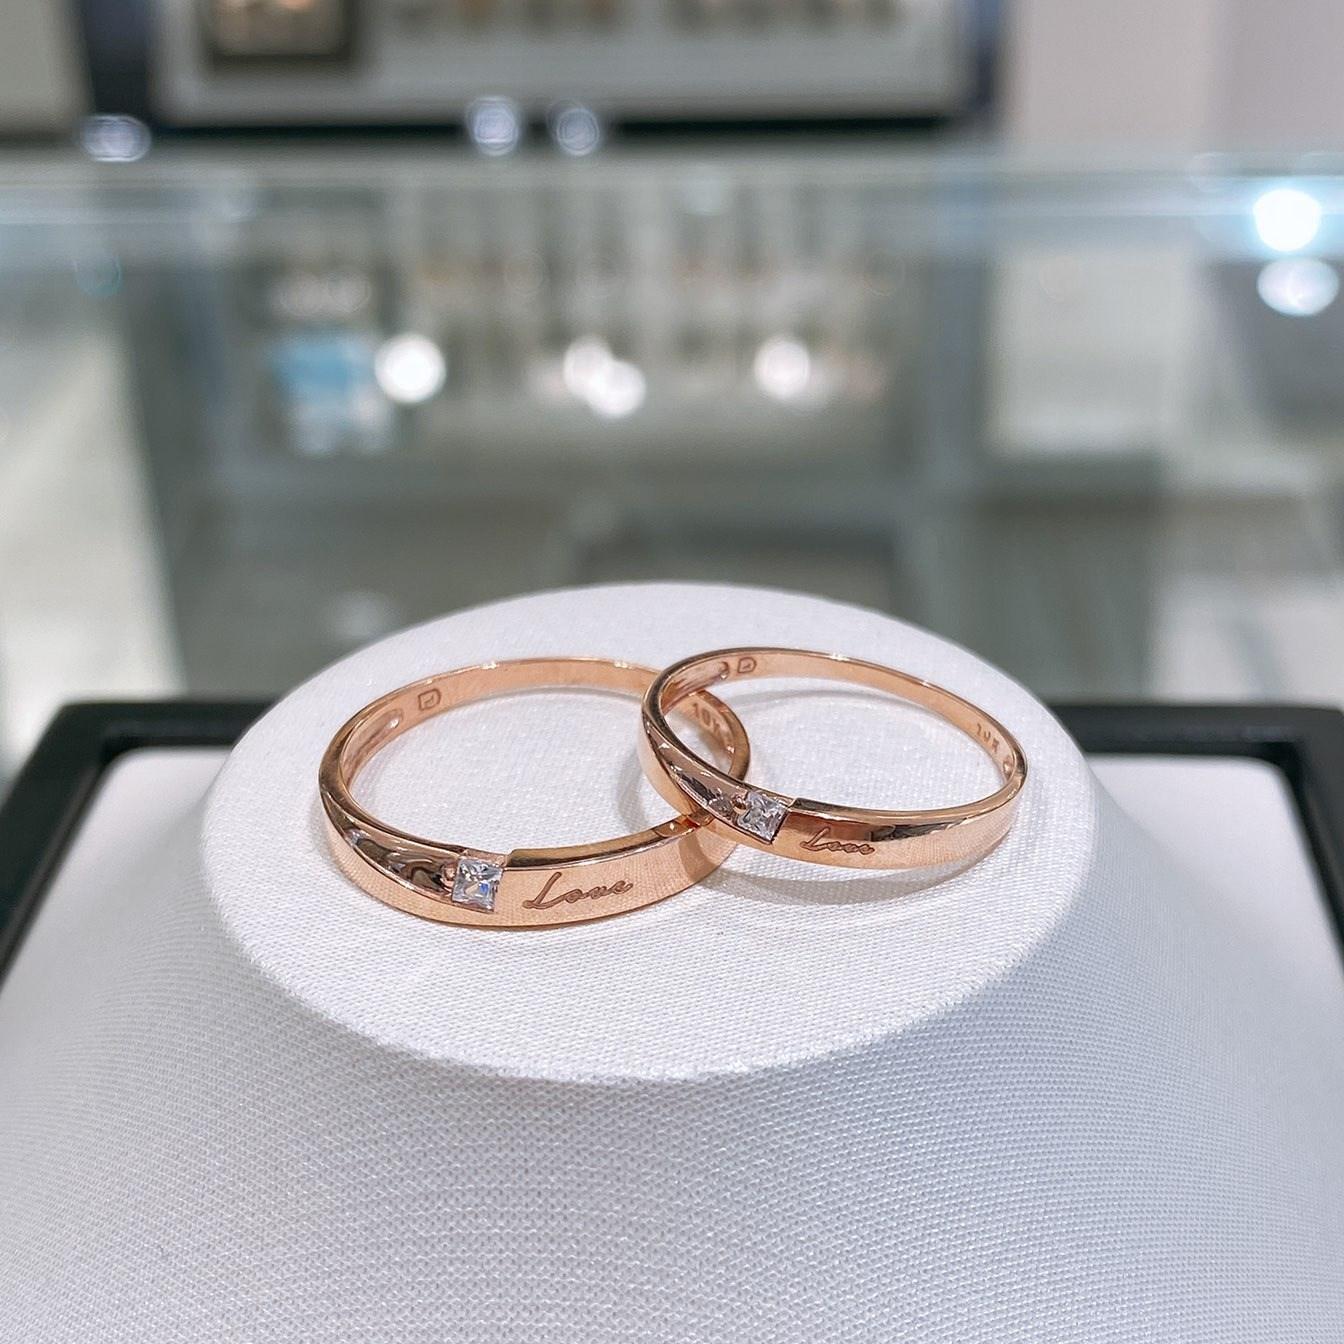 로이드 10K 14K Love 겉각인 심플 큐빅 커플링 인천 뉴코아점 반지